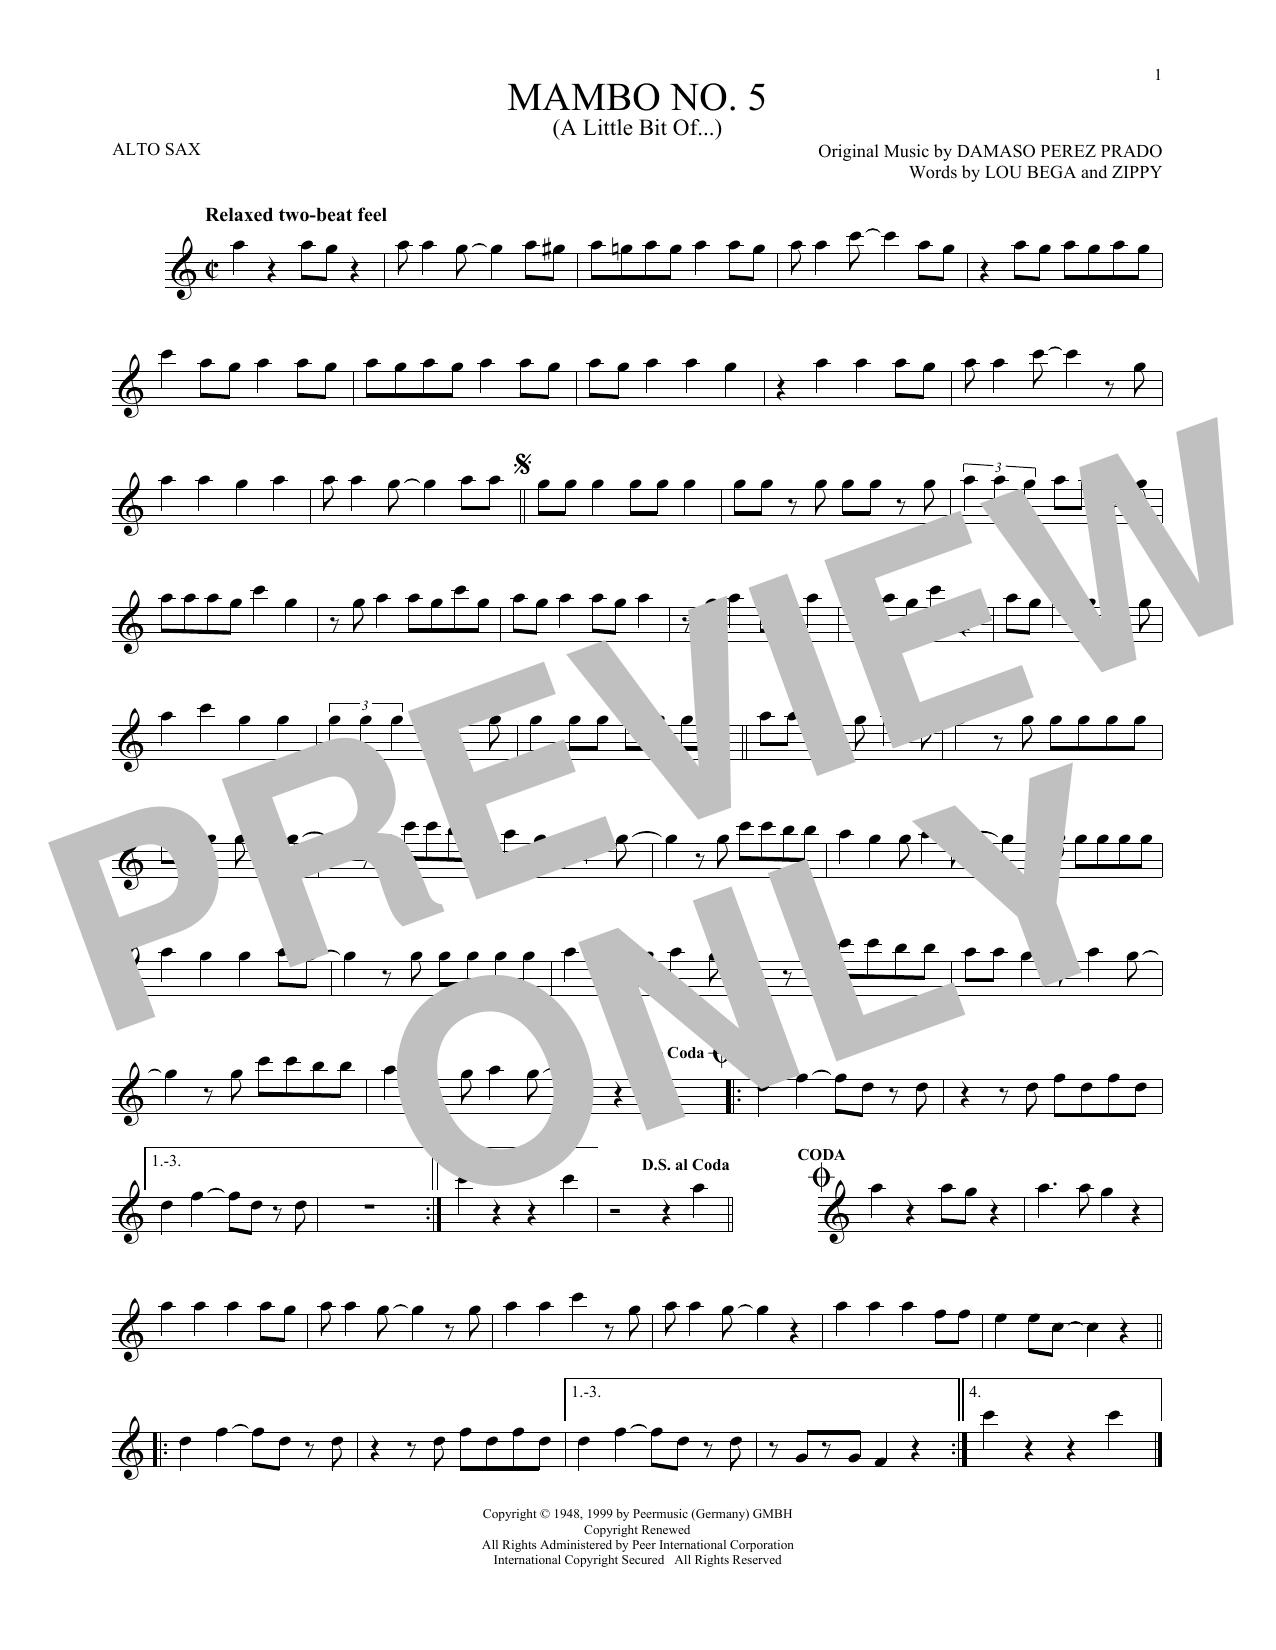 Mambo No. 5 (A Little Bit Of...) (Alto Sax Solo)